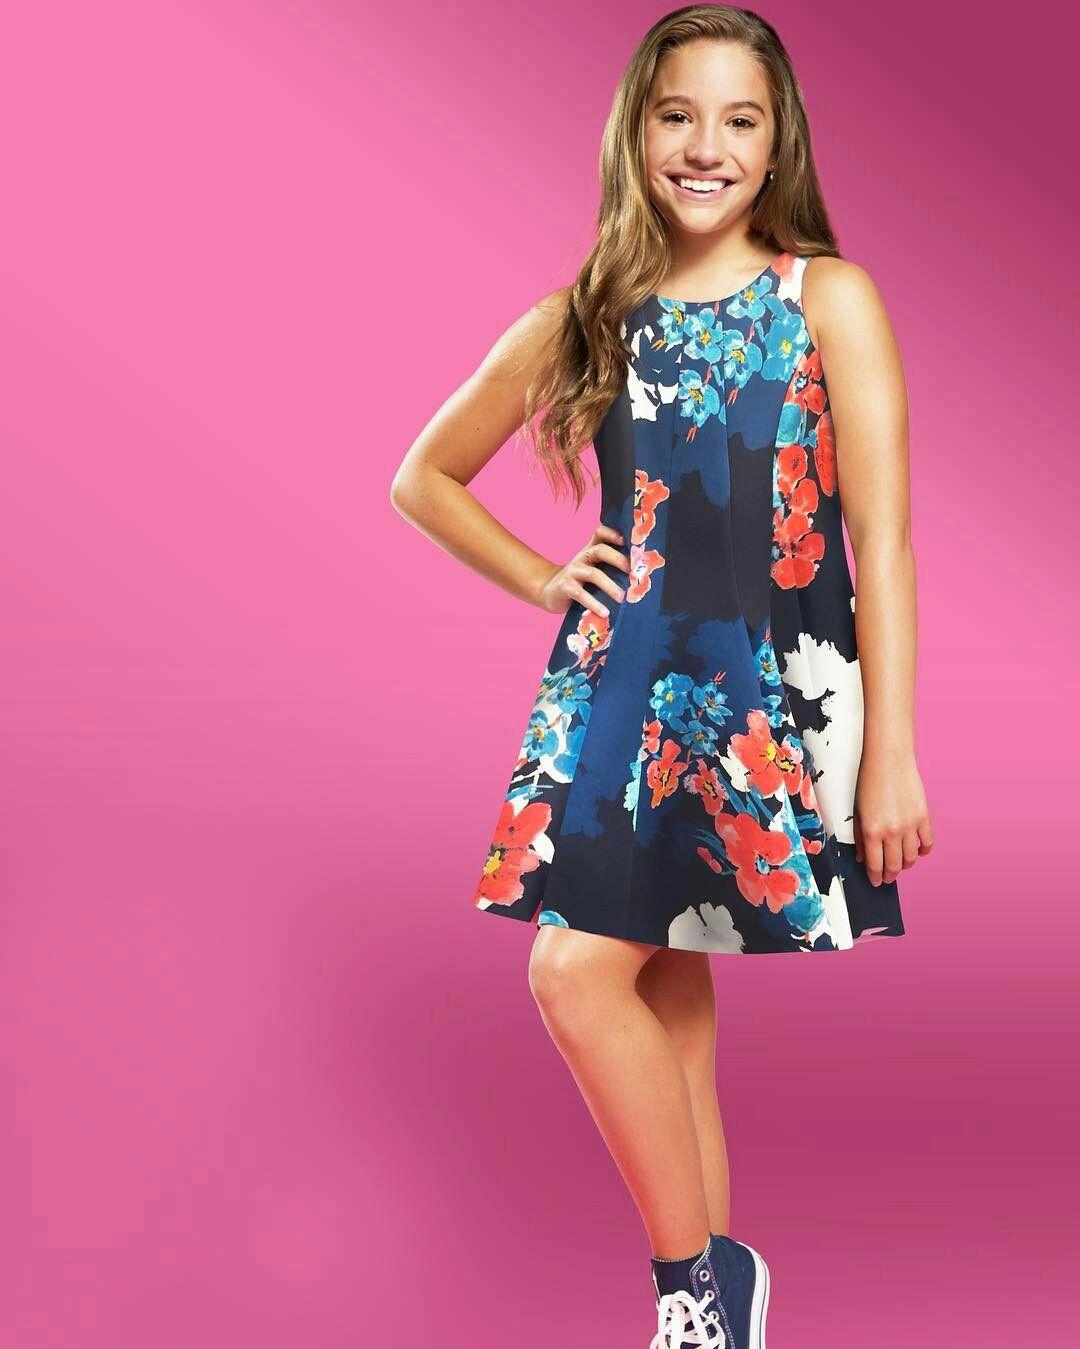 Mackenzie Ziegler for Emily West | Dance moms | Pinterest ...